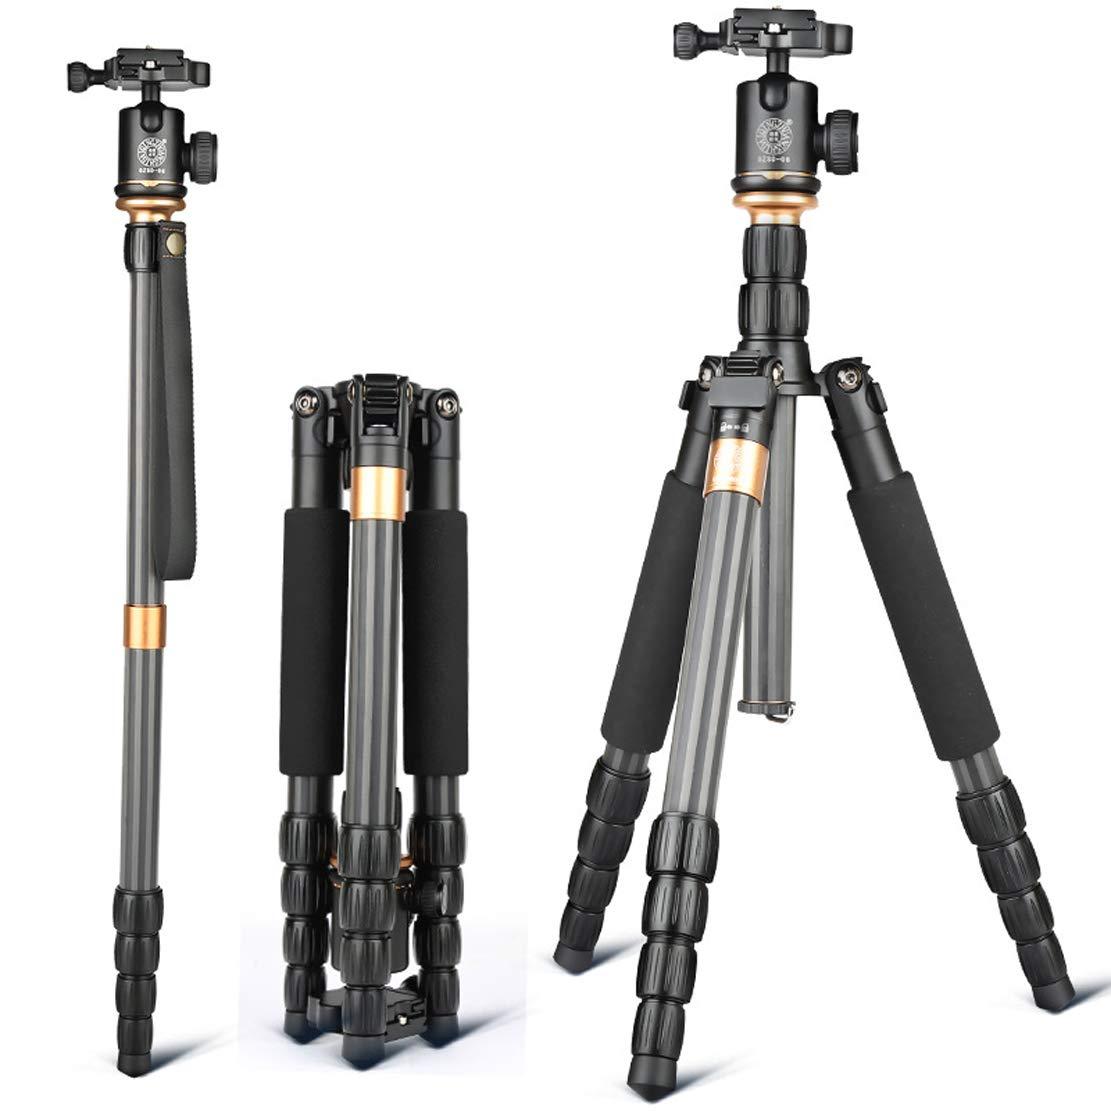 軽量 三脚 旅行152cmの高い適応モデルのために適した炭素繊維材料1.19kg DSR Slr キヤノンニコンソニーとその他のカメラ機器(3-10キロブラック)   B07QXRWZJ9